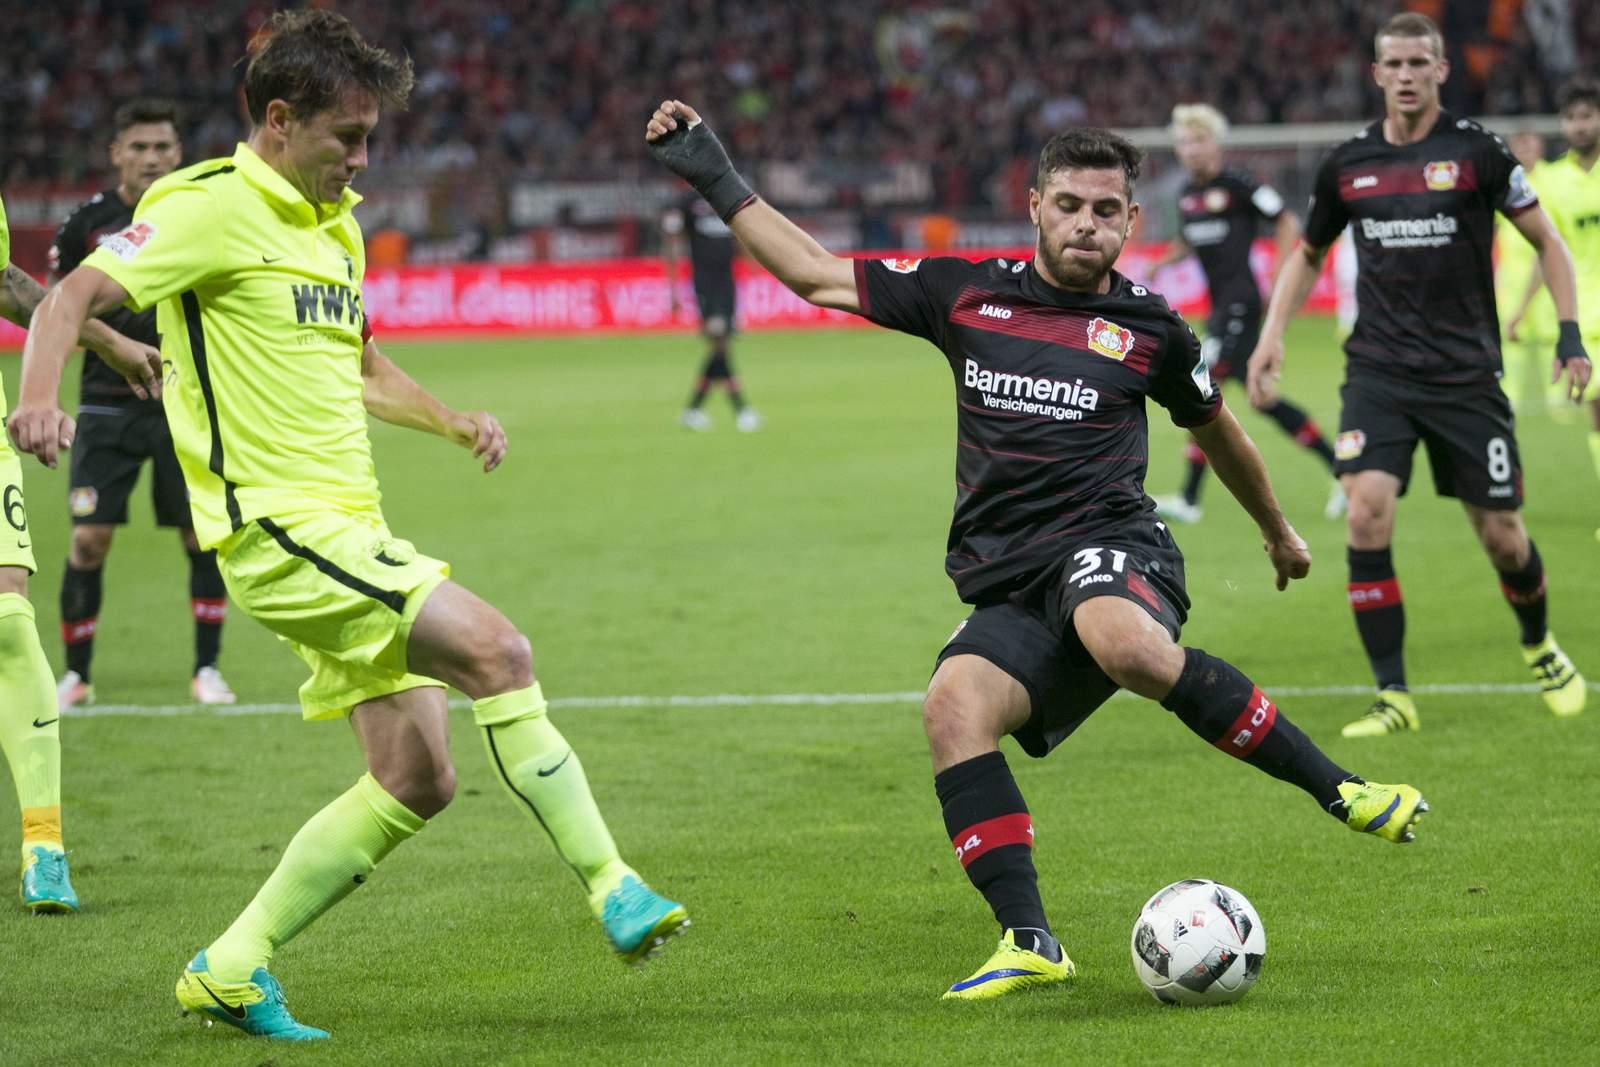 Volland zieht ab, Verhaegh steht im Weg. Jetzt auf Augsburg gegen Leverkusen wetten!